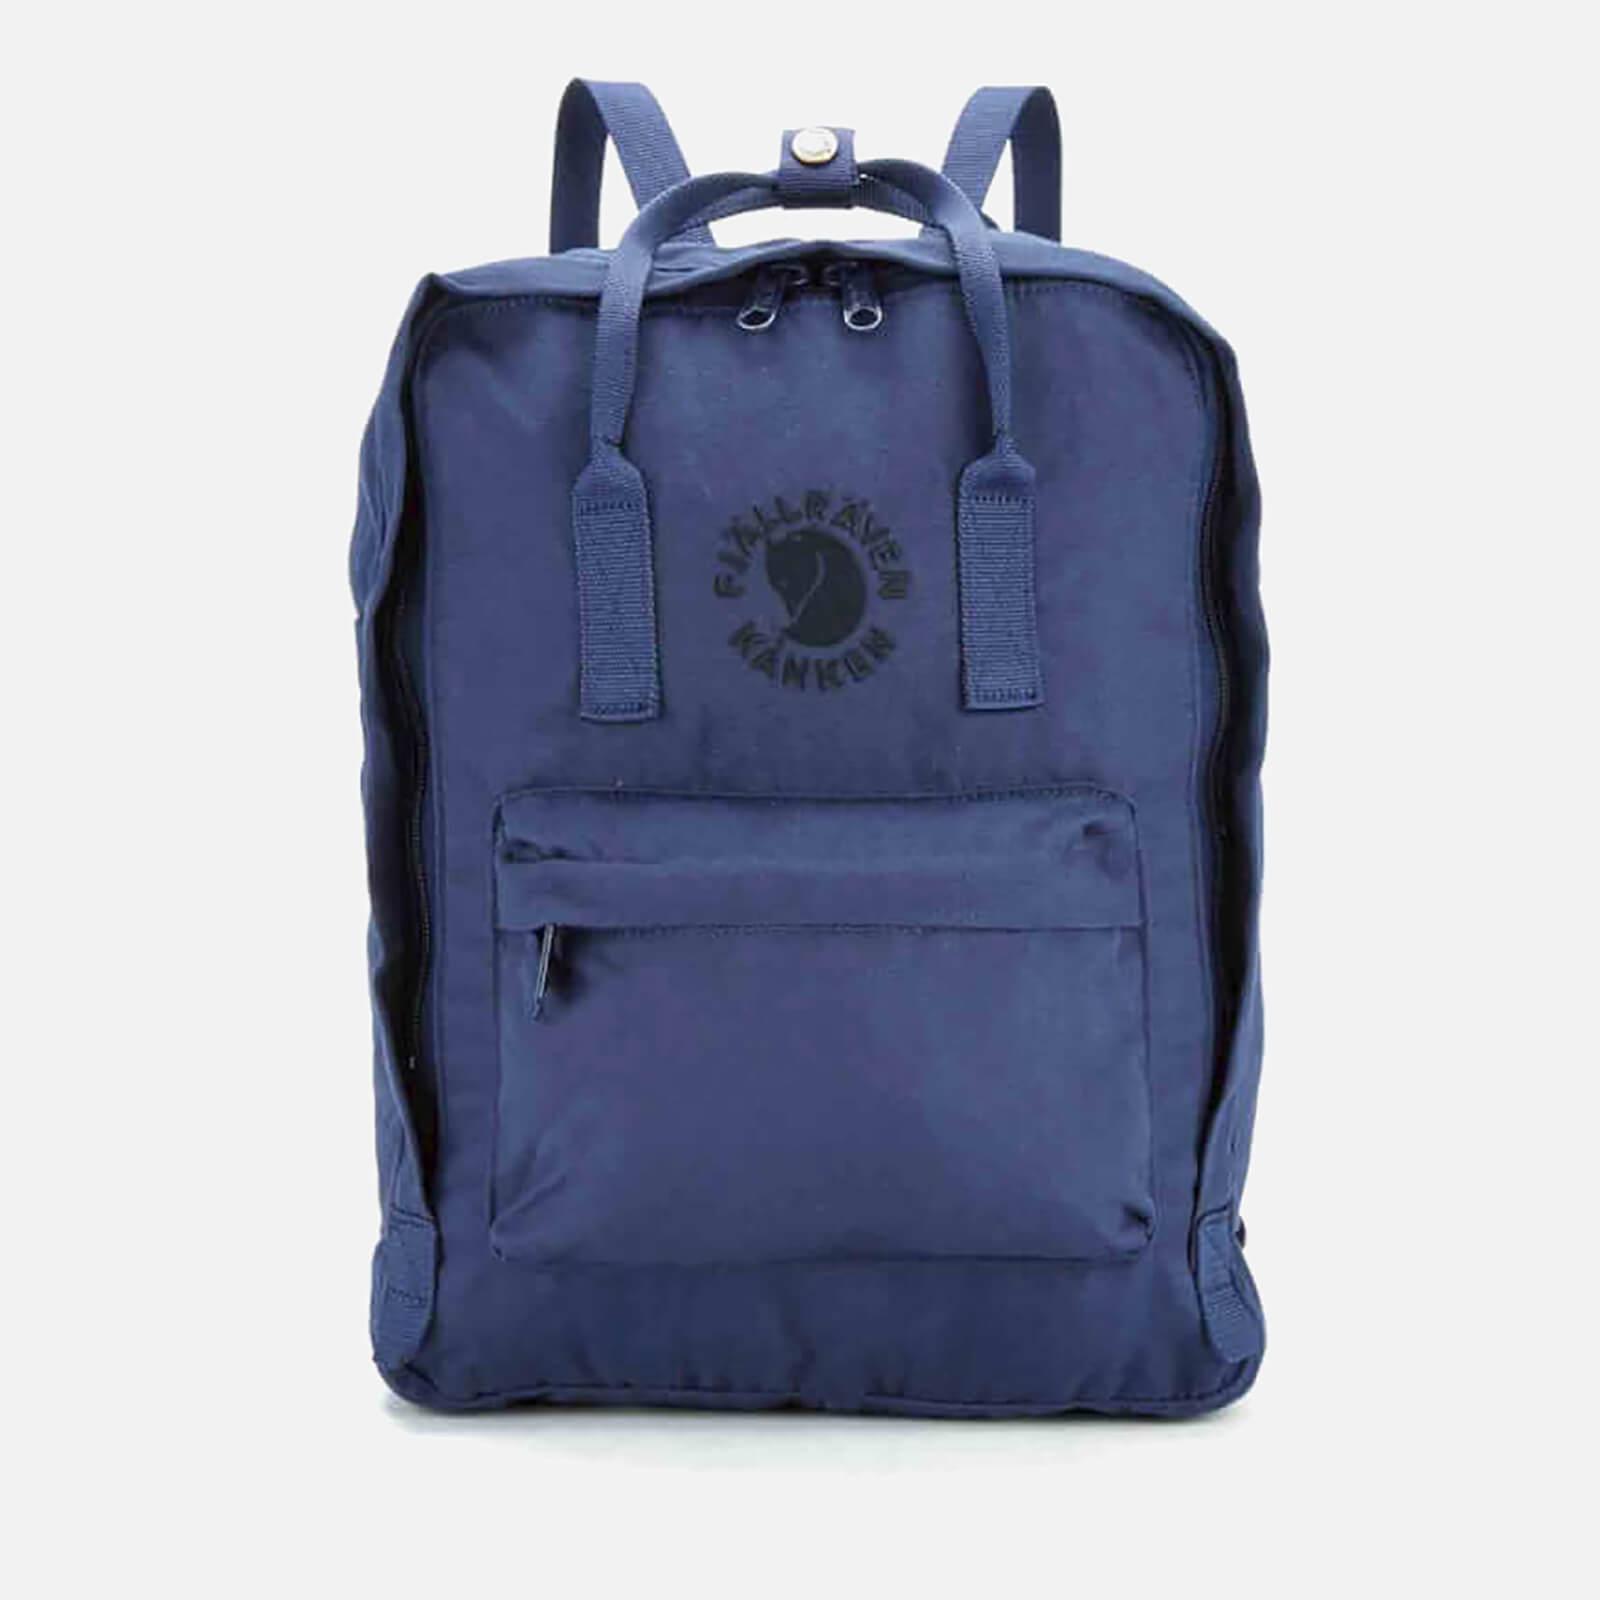 d5422e500 Fjallraven Re-Kanken Backpack - Midnight Blue